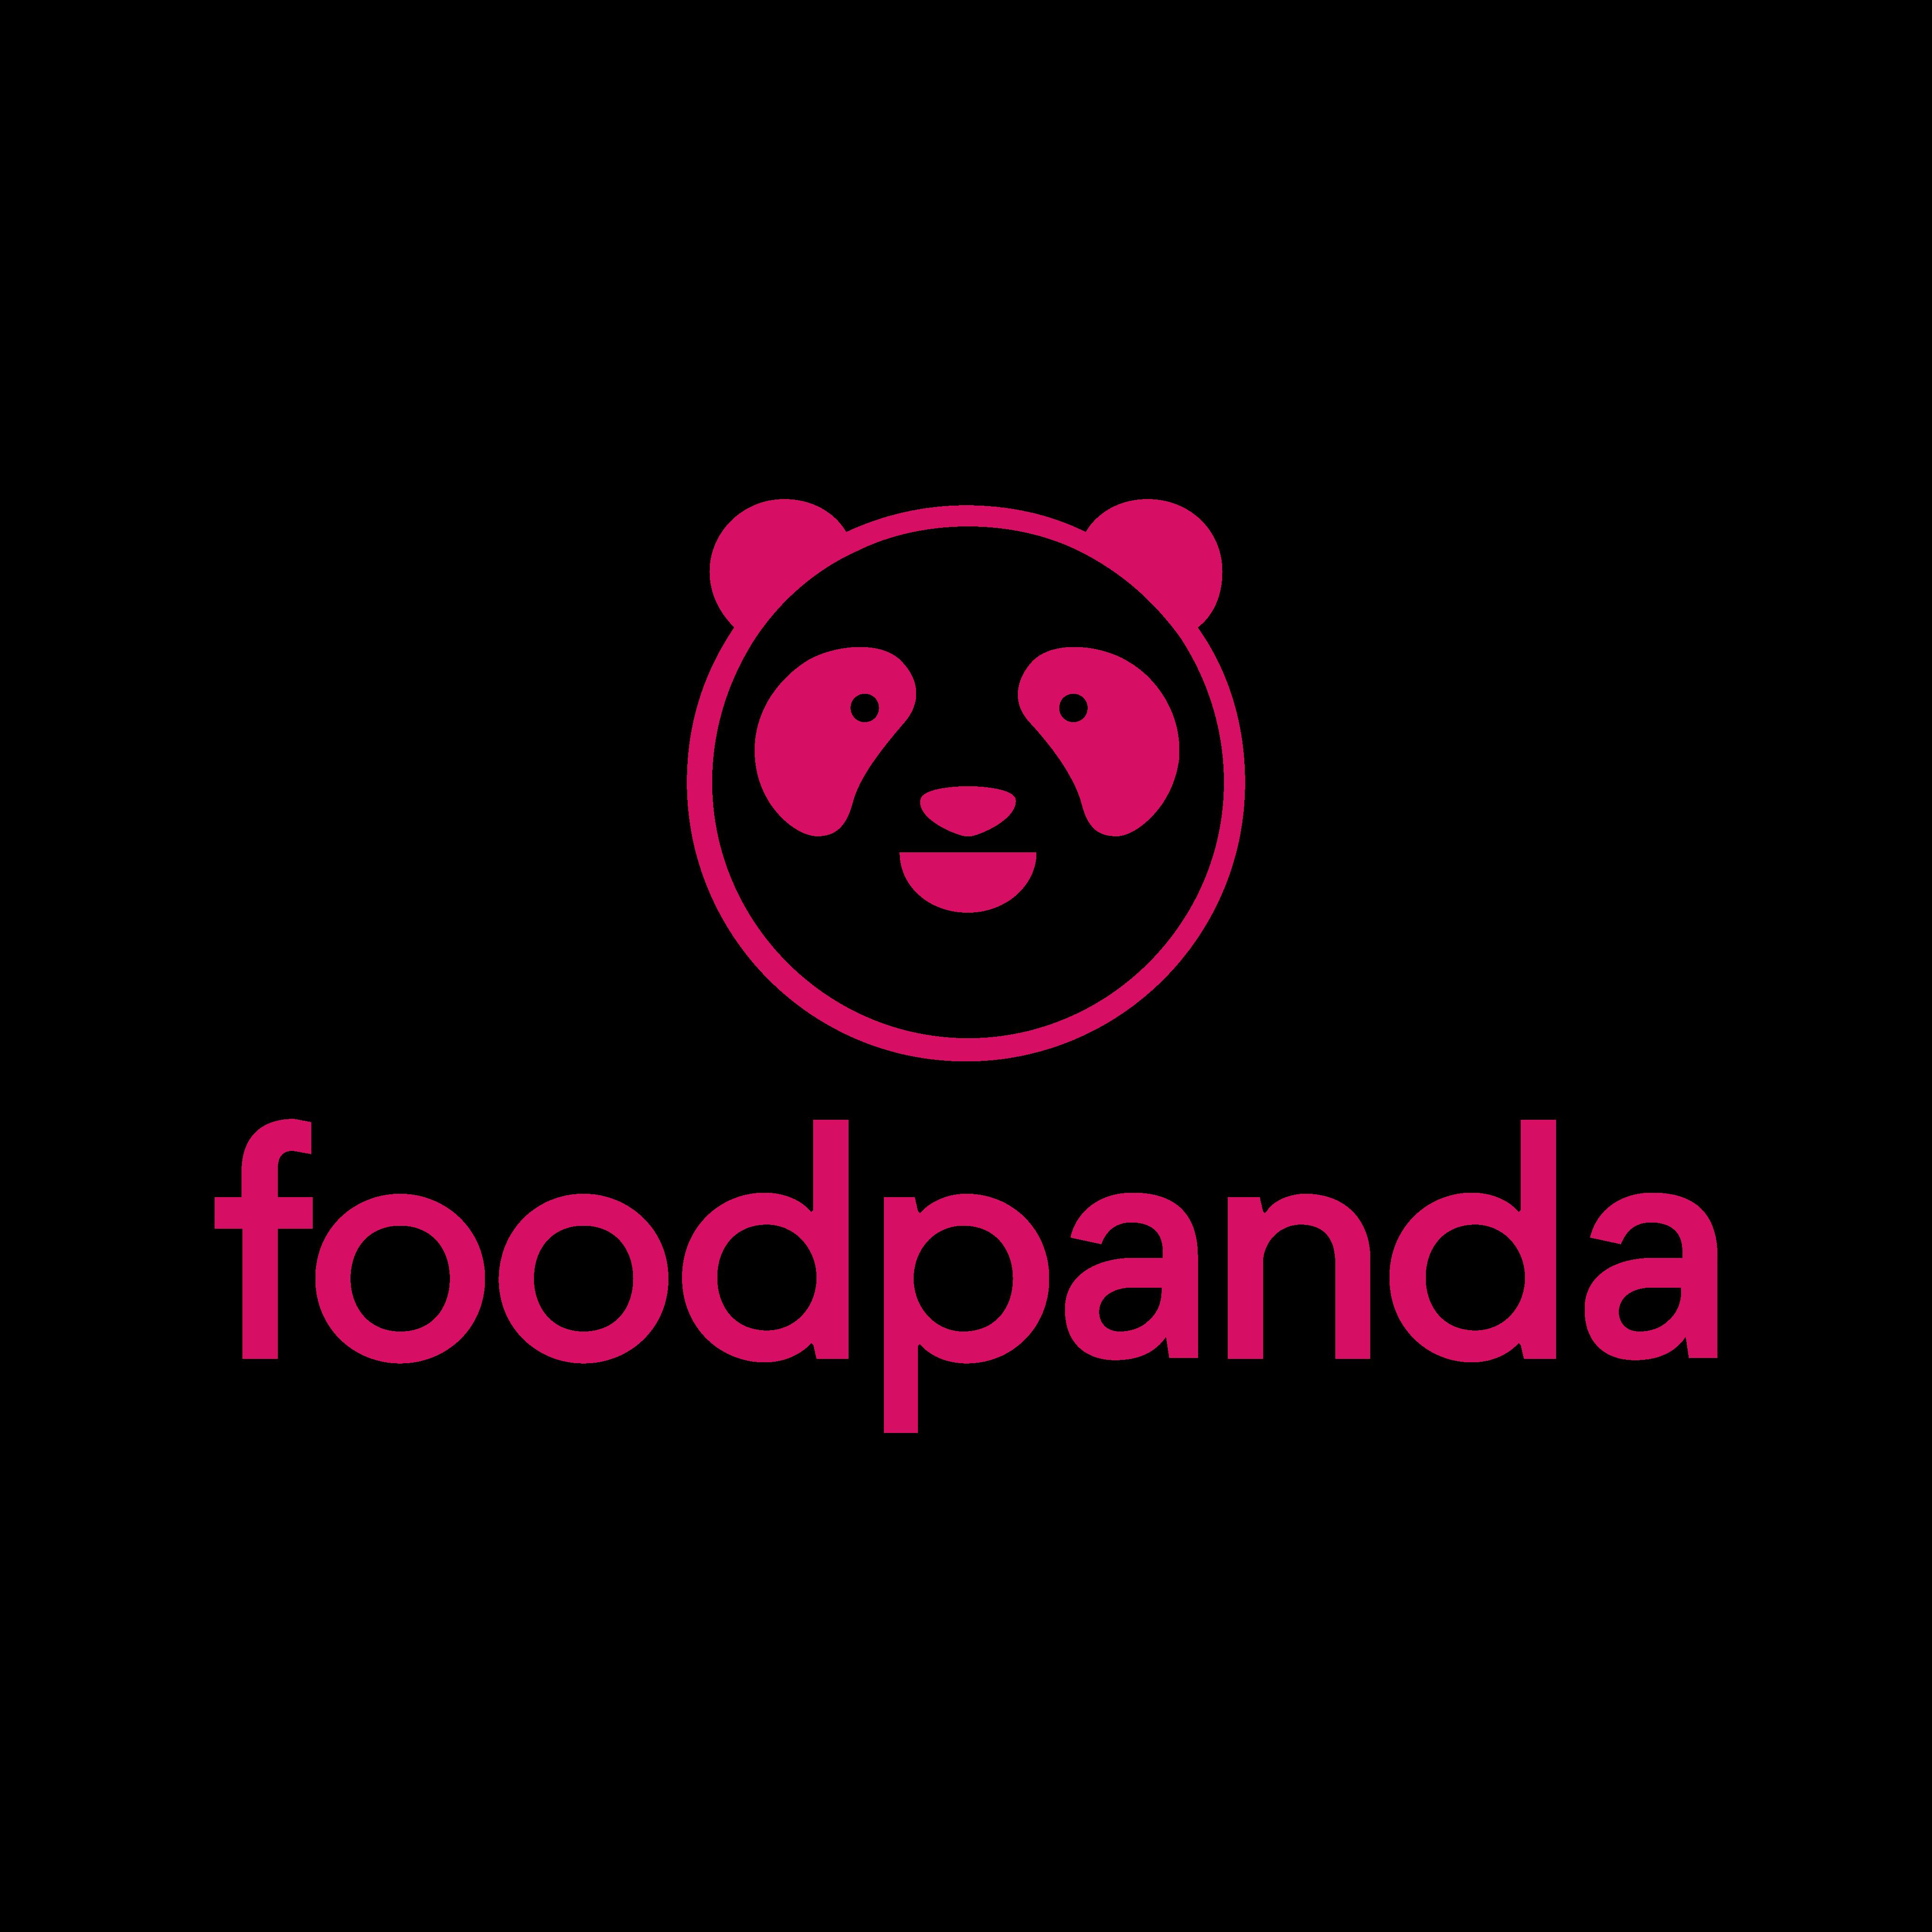 foodpanda logo 0 - Foodpanda Logo